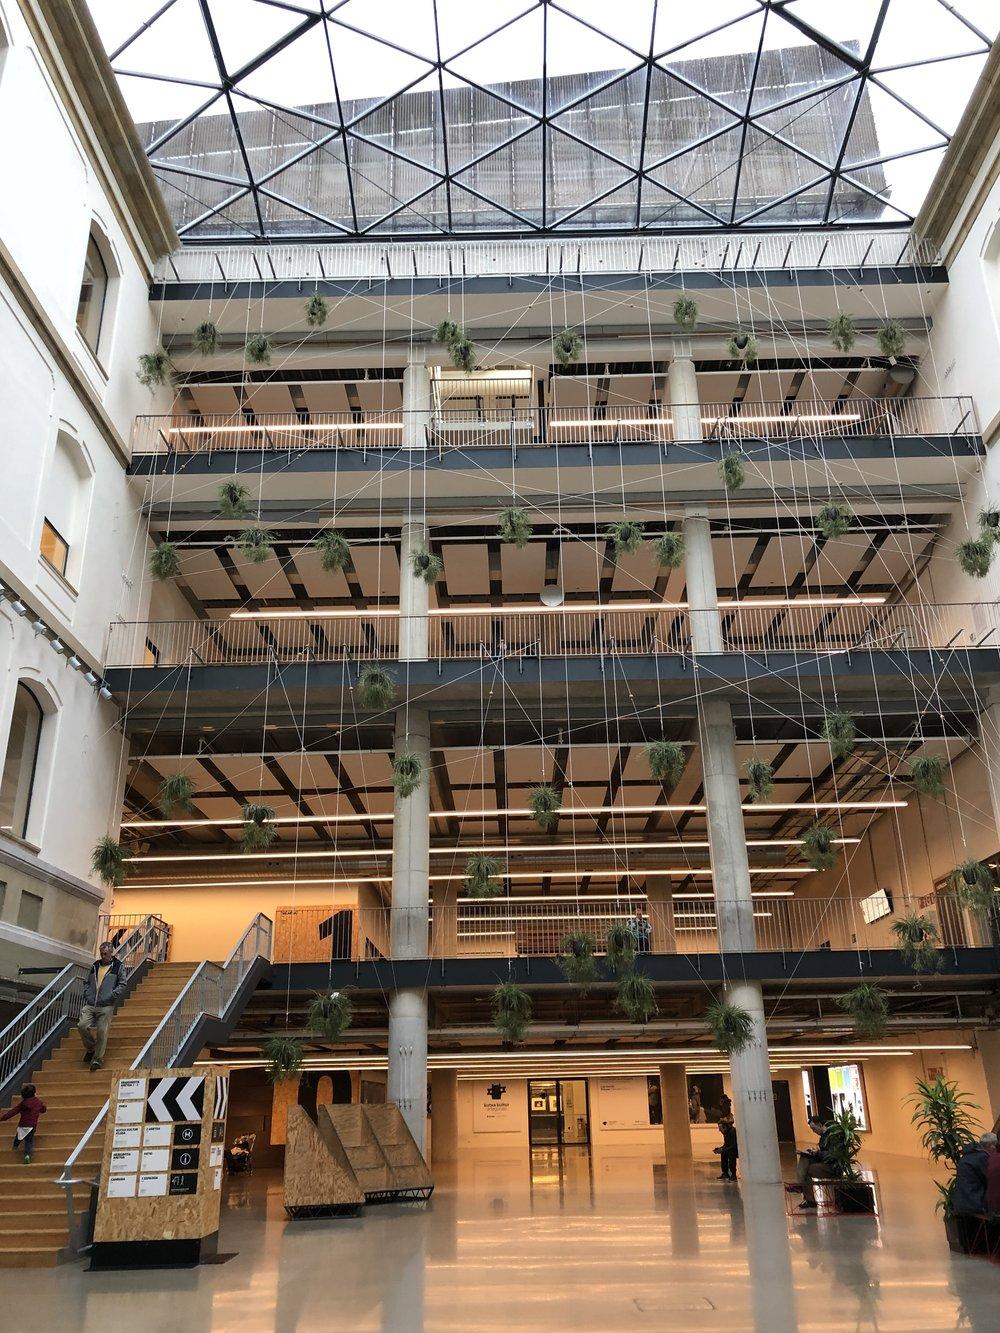 解放感! こういう建物のつくりも人が自由に発想、創作することを可能にしている気がする。日本の建物って天井狭くてなんか自由がない感じするよね。